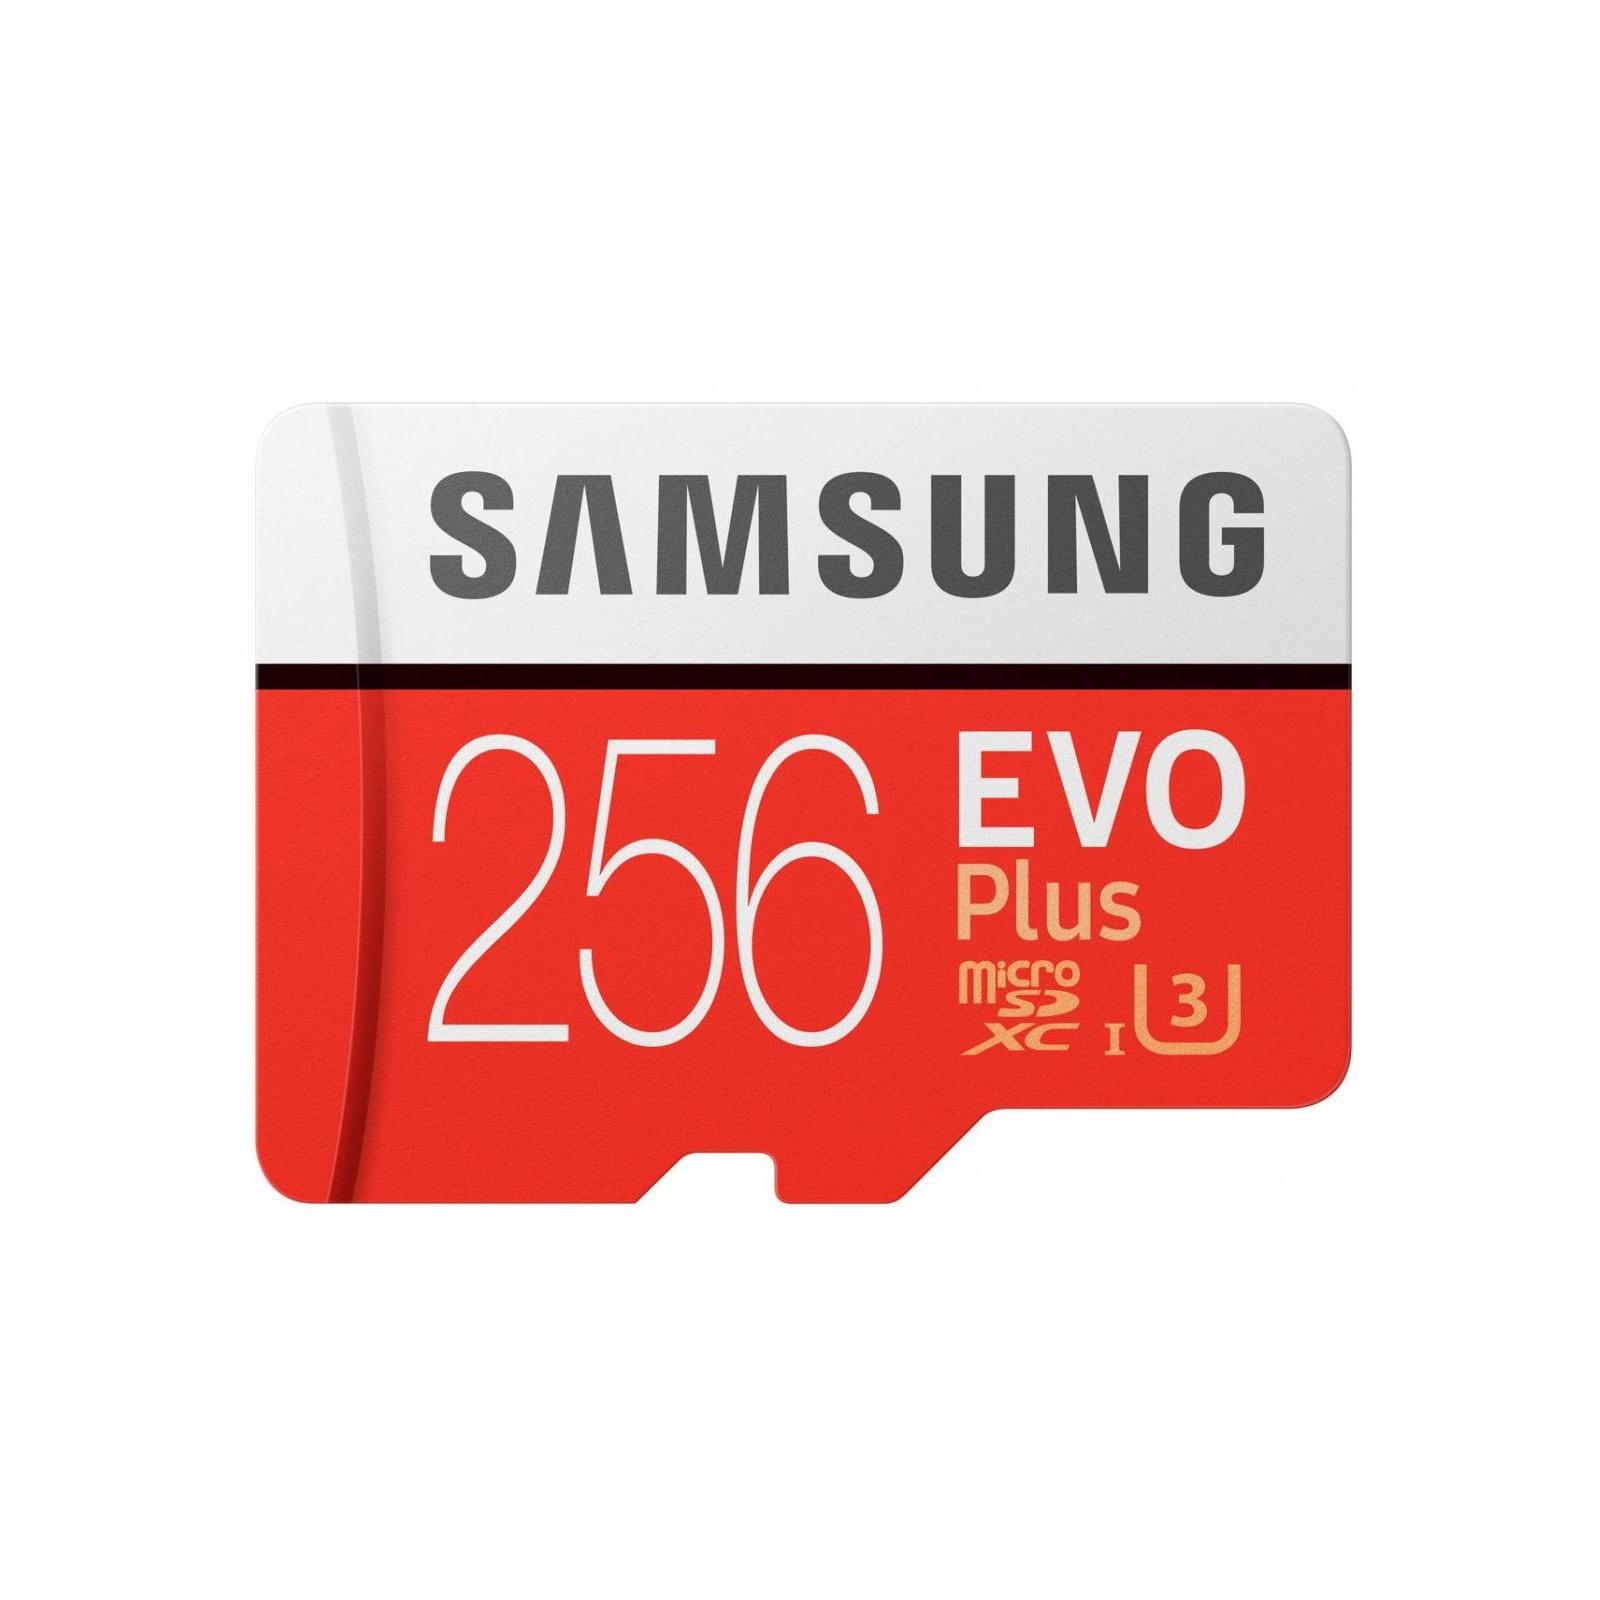 Карта памяти Samsung 256GB microSDXC class 10 UHS-I U3 Evo Plus (MB-MC256GA/RU) изображение 2